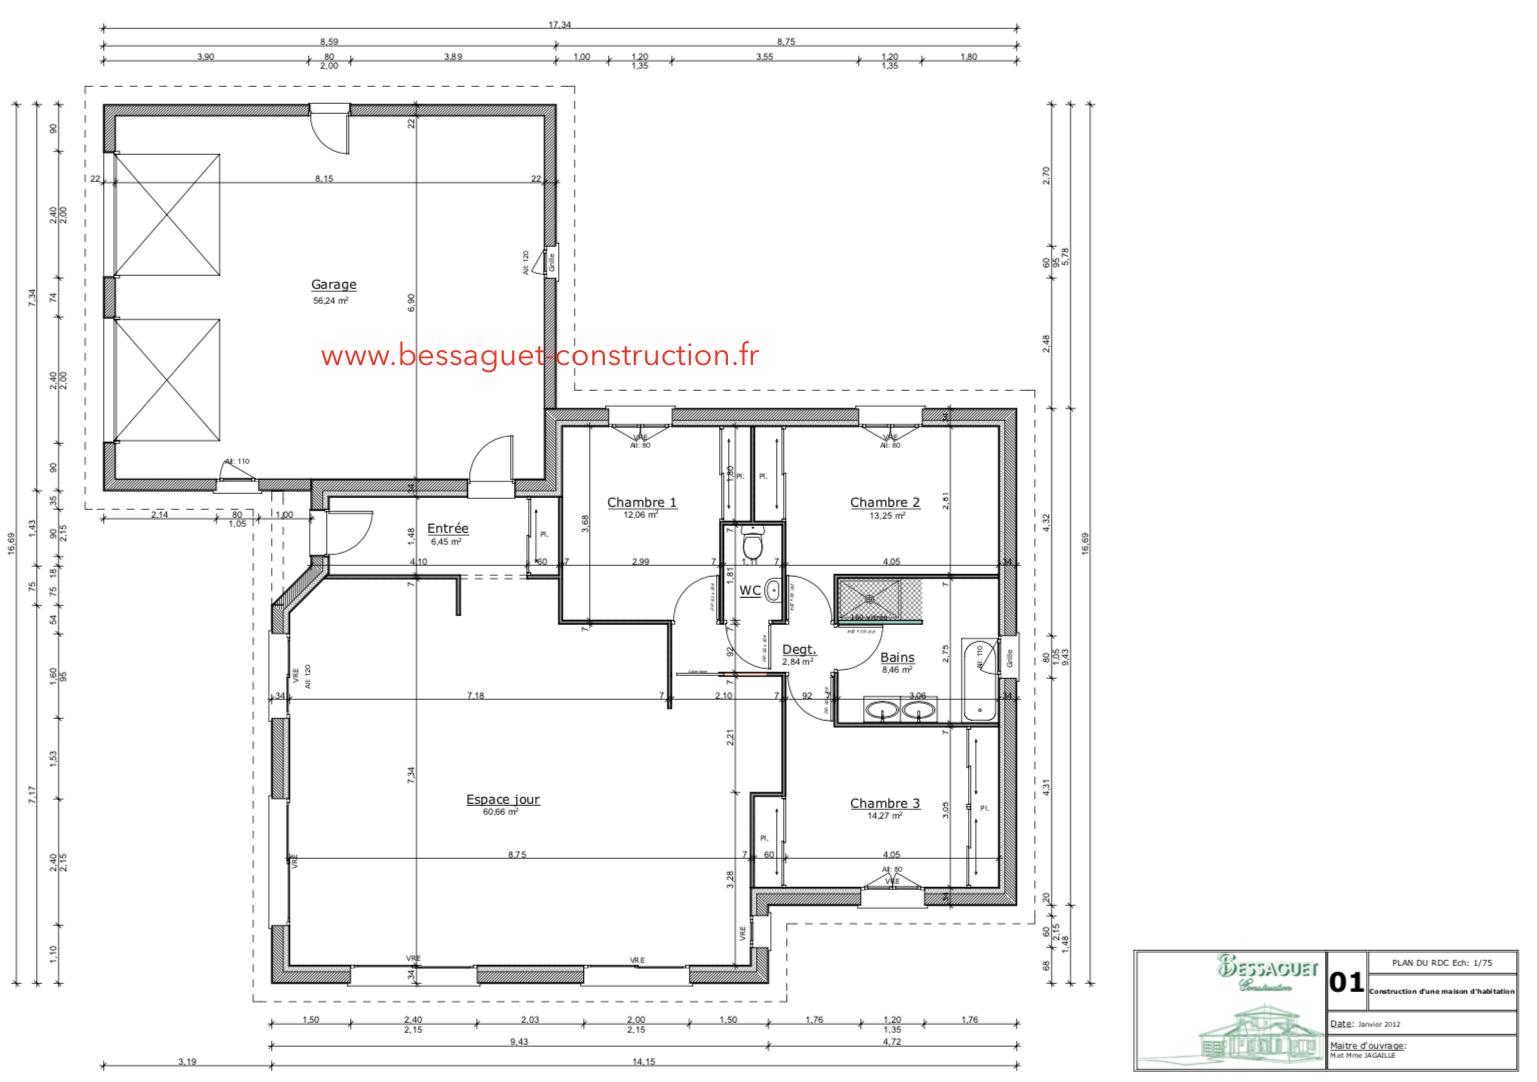 Construction Maison De Plain Pied Limoges Haute Vienne Charente